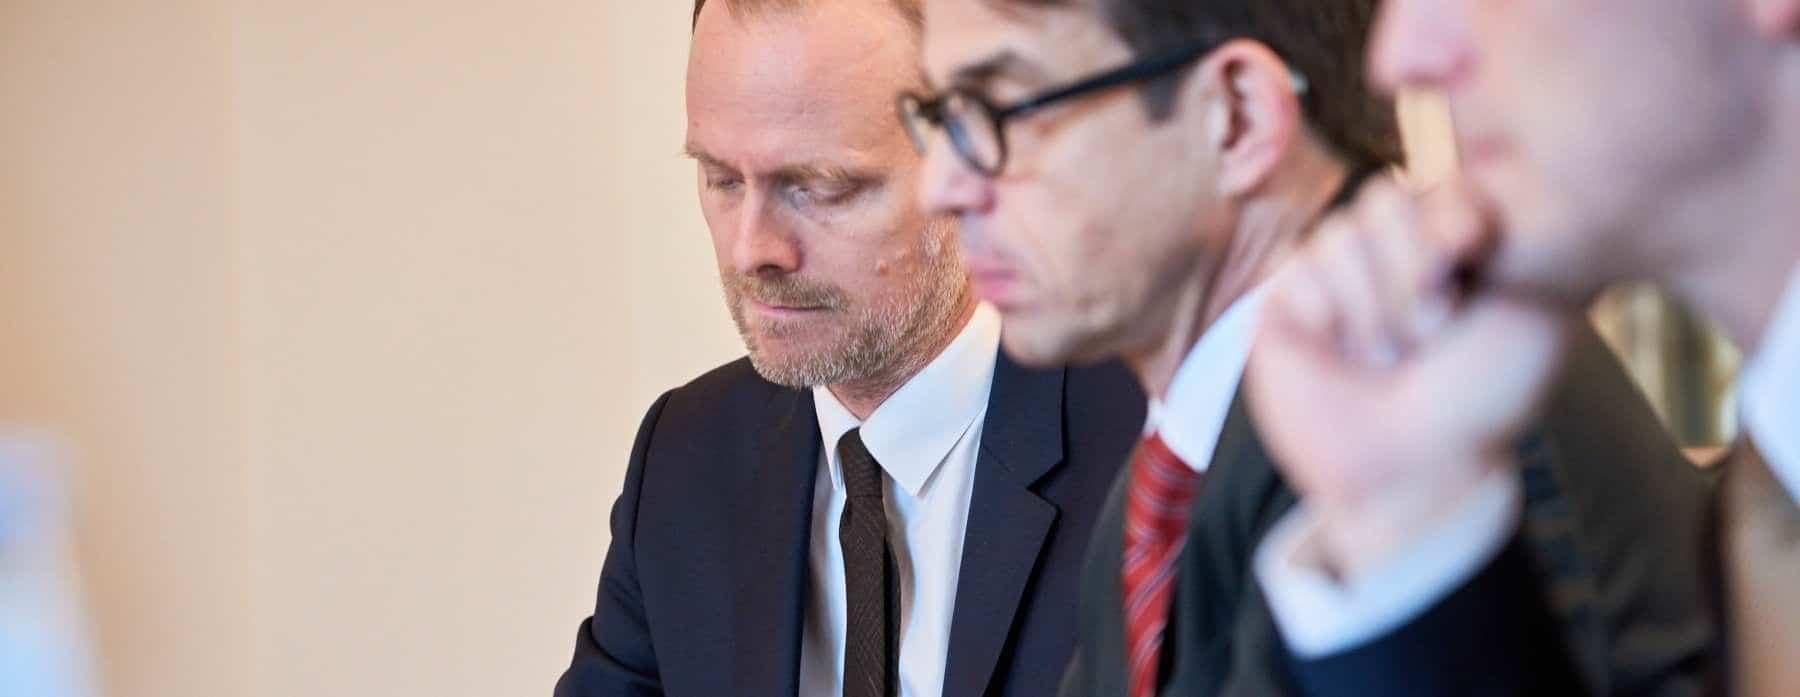 Rechtsanwälte Kanzlei Schwenke Schütz Berlin